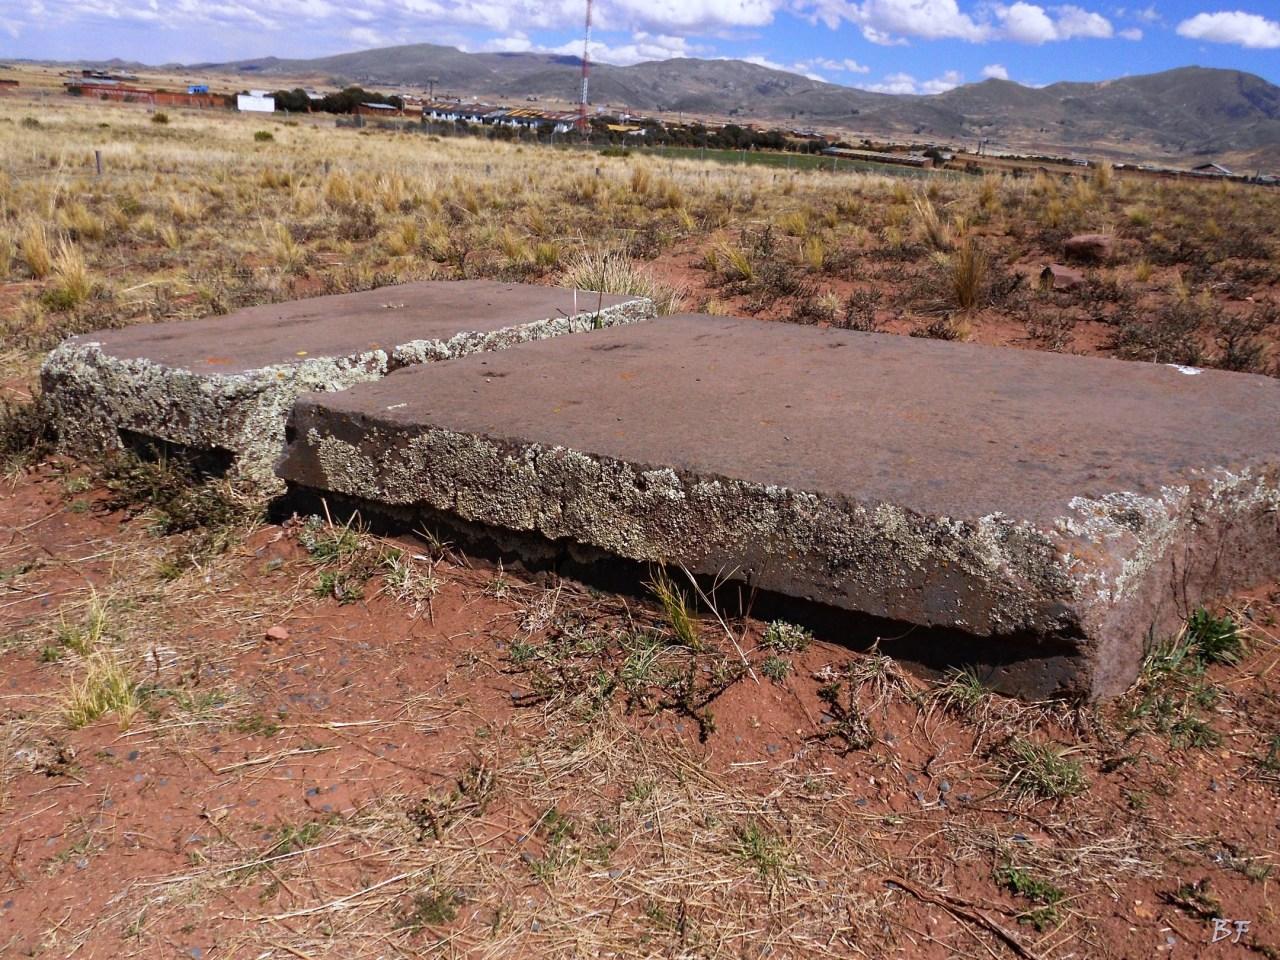 Puma-Punku-Area-Megalitica-Mura-Poligonali-Megaliti-Tiwanaku-Tiahuanaco-Bolivia-36